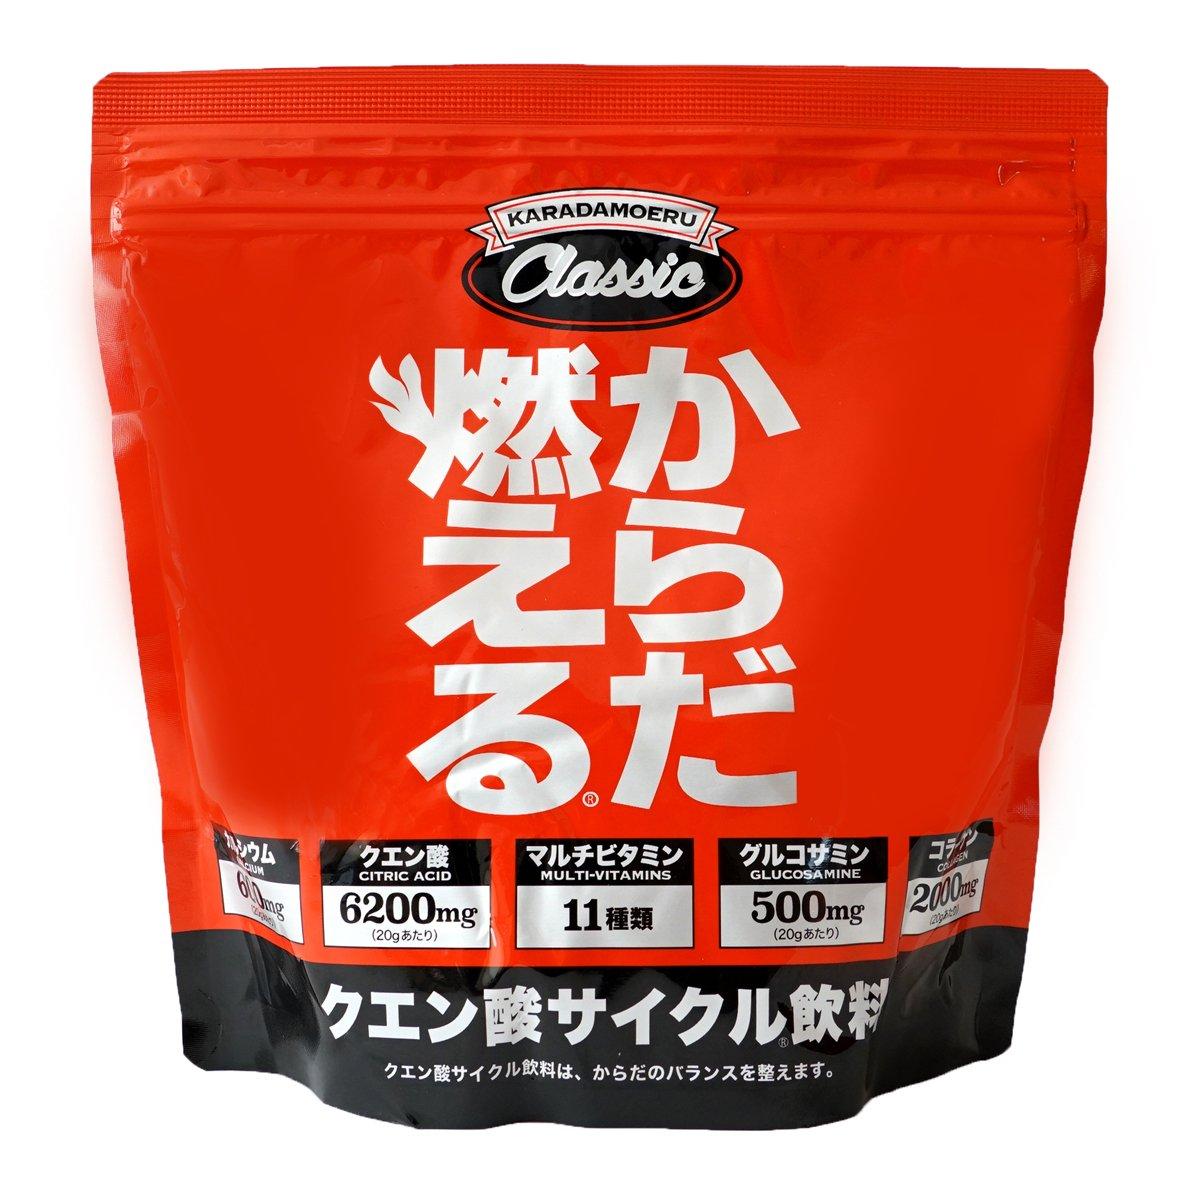 からだ燃えるClassic(500g) 【新パッケージ】クエン酸サイクル サプリメント飲料 B01MUC9I76